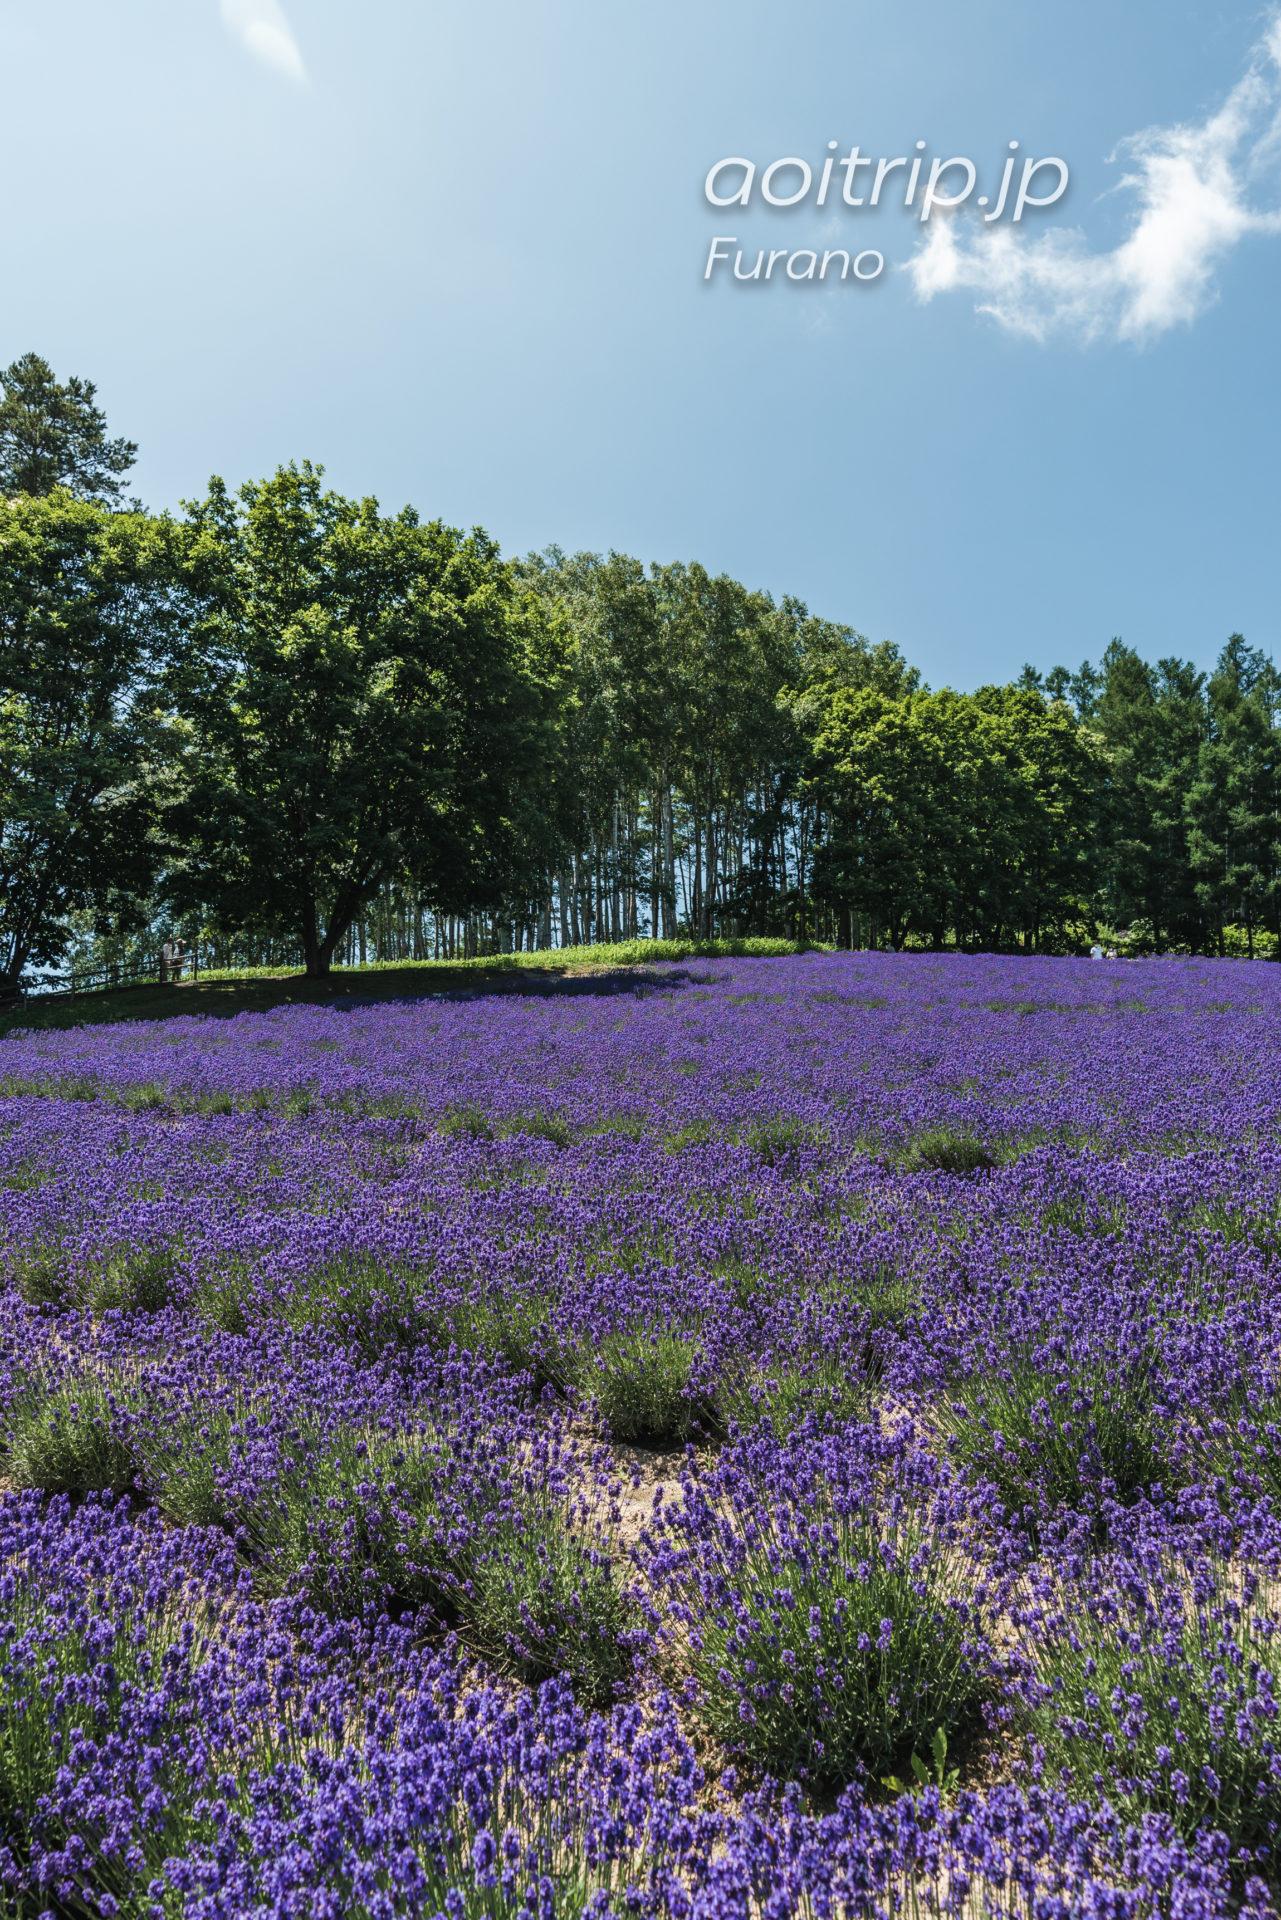 ファーム富田ラベンダー畑 Farm Tomita トラディショナル ラベンダー畑 Traditional Lavender Field